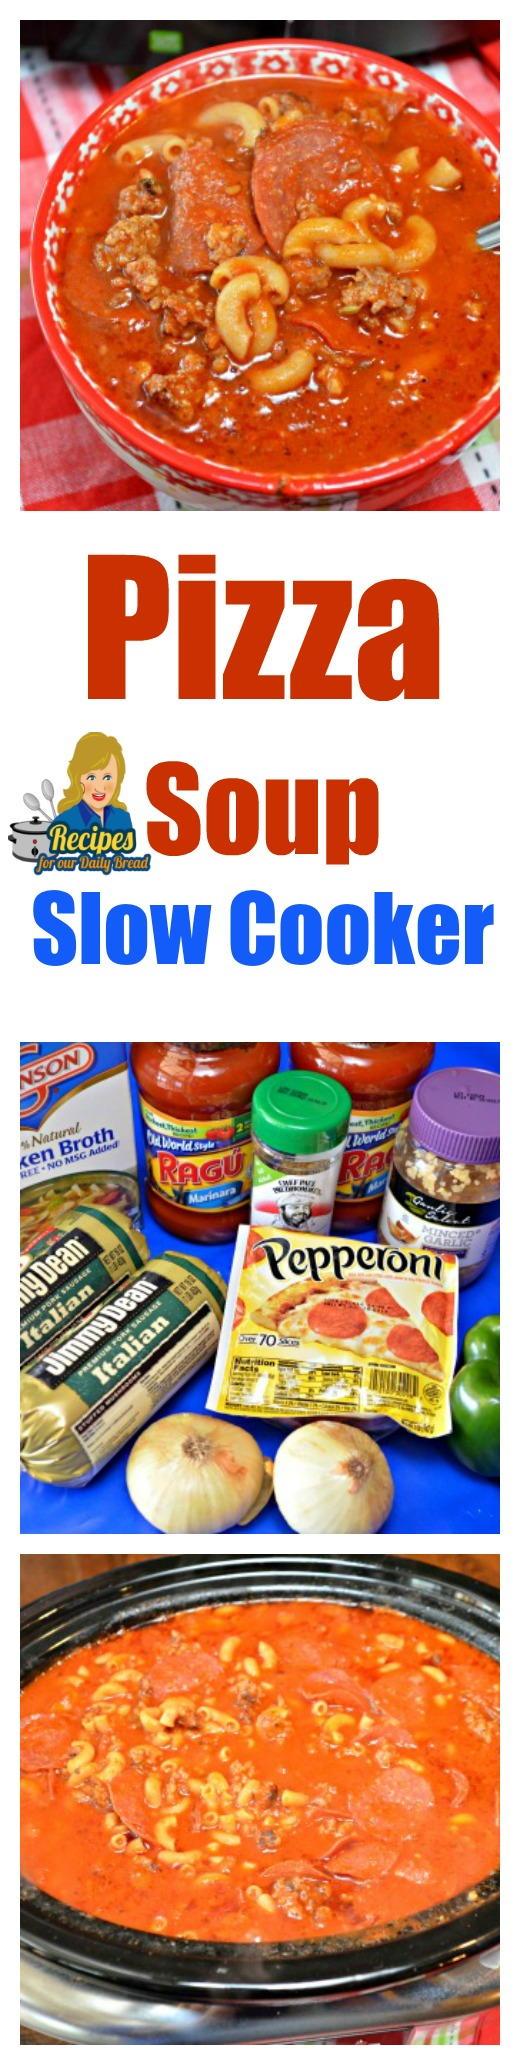 Kid Friendly Slow Cooker Pizza Soup | RecipeLion.com